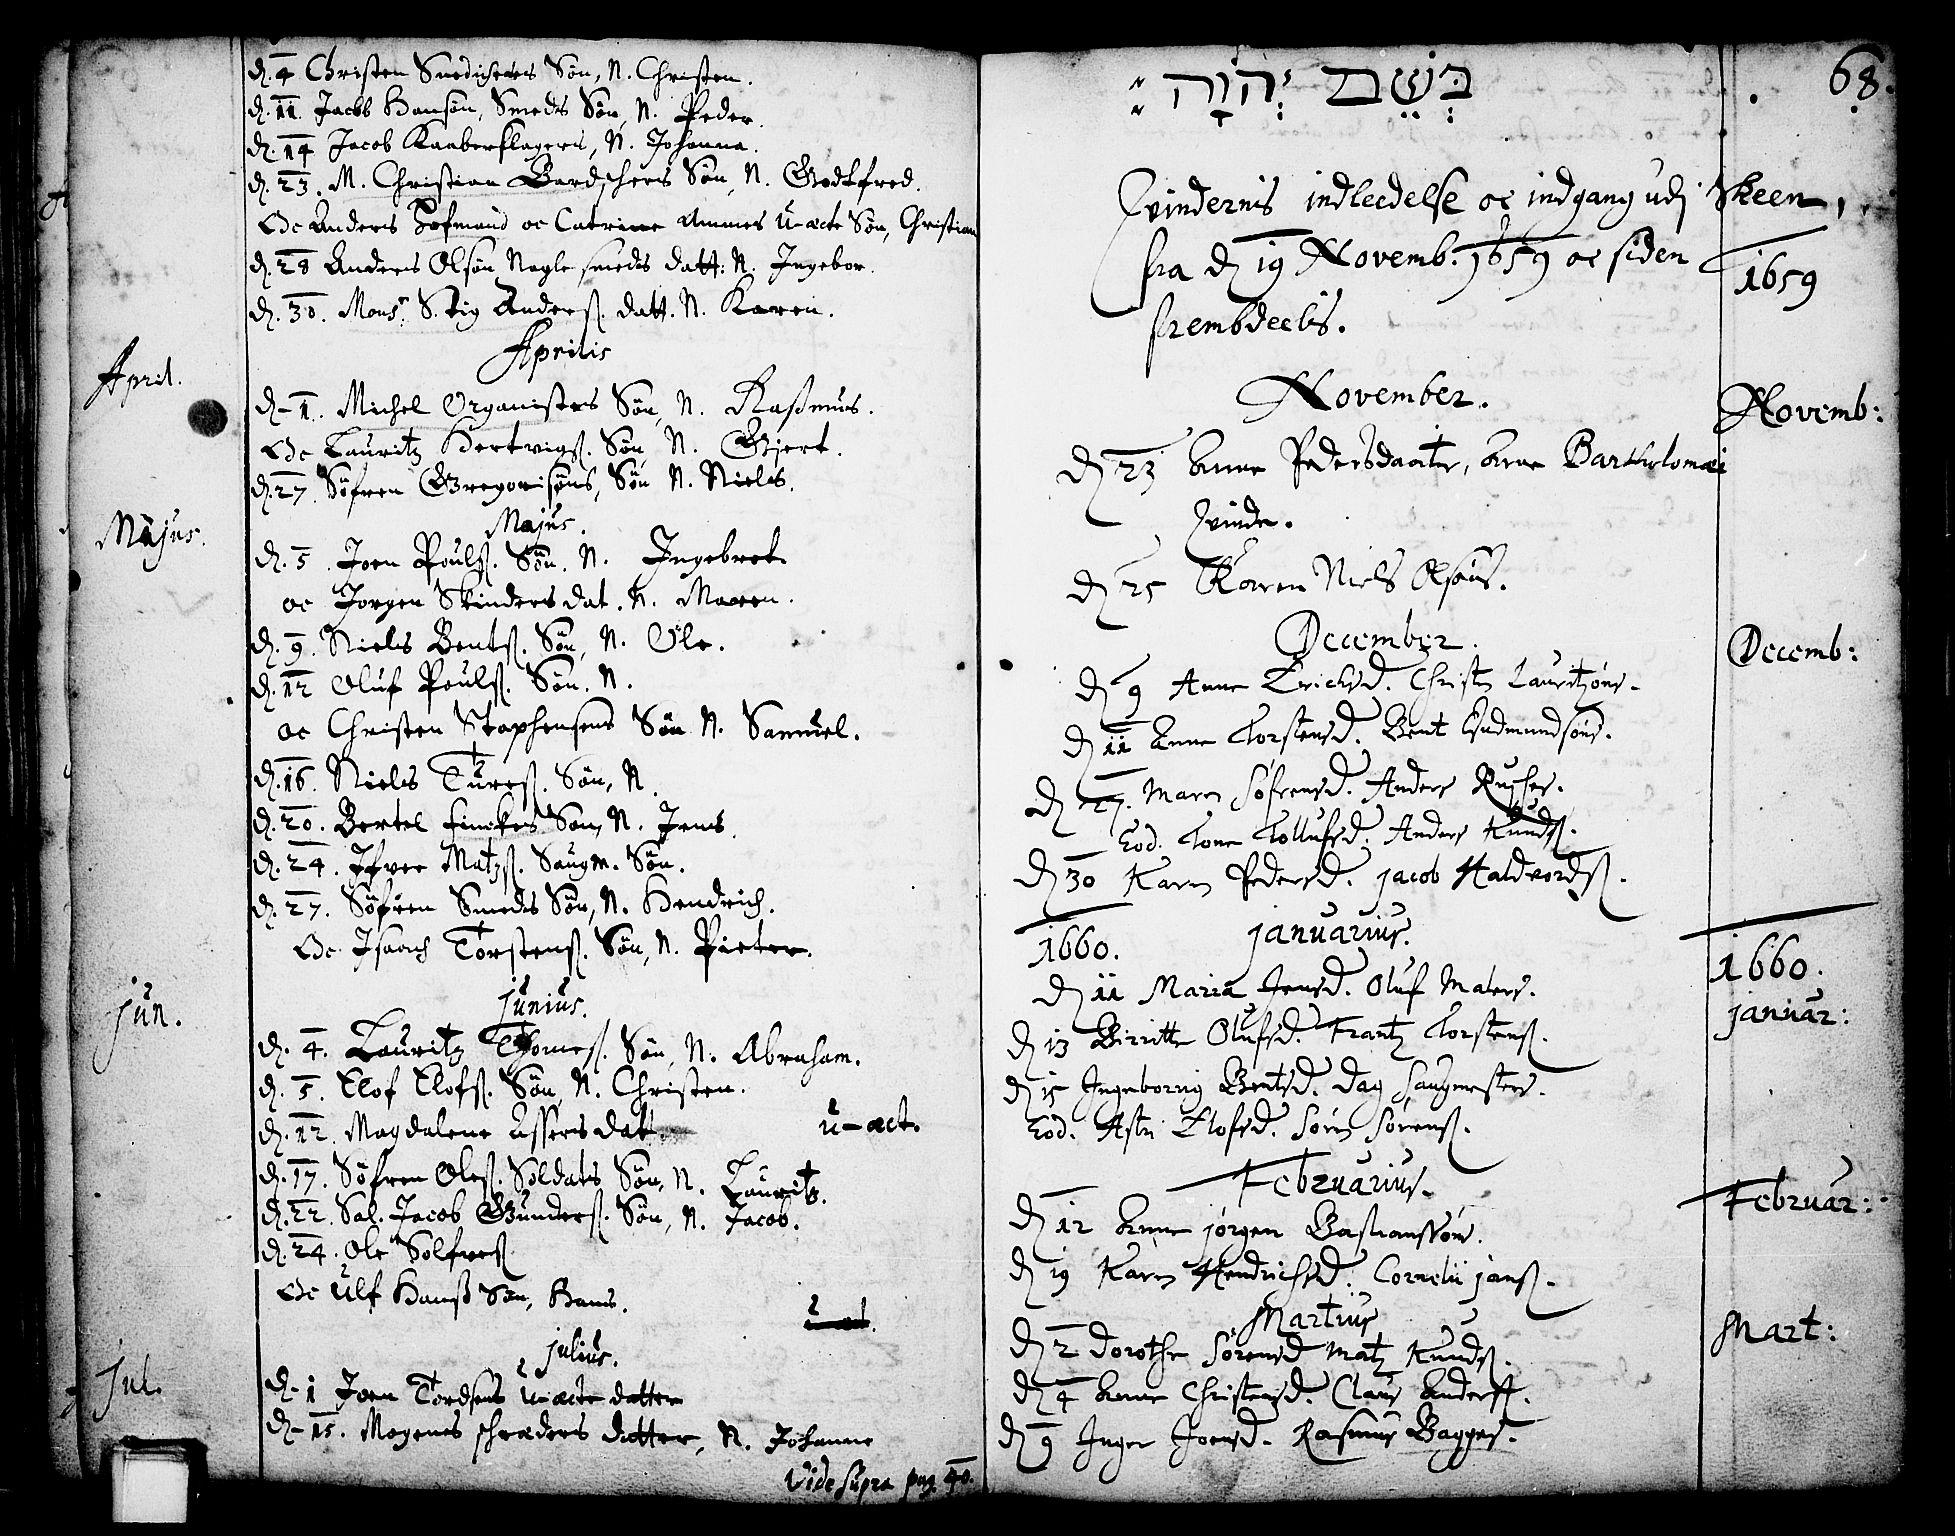 SAKO, Skien kirkebøker, F/Fa/L0001: Ministerialbok nr. 1, 1659-1679, s. 68